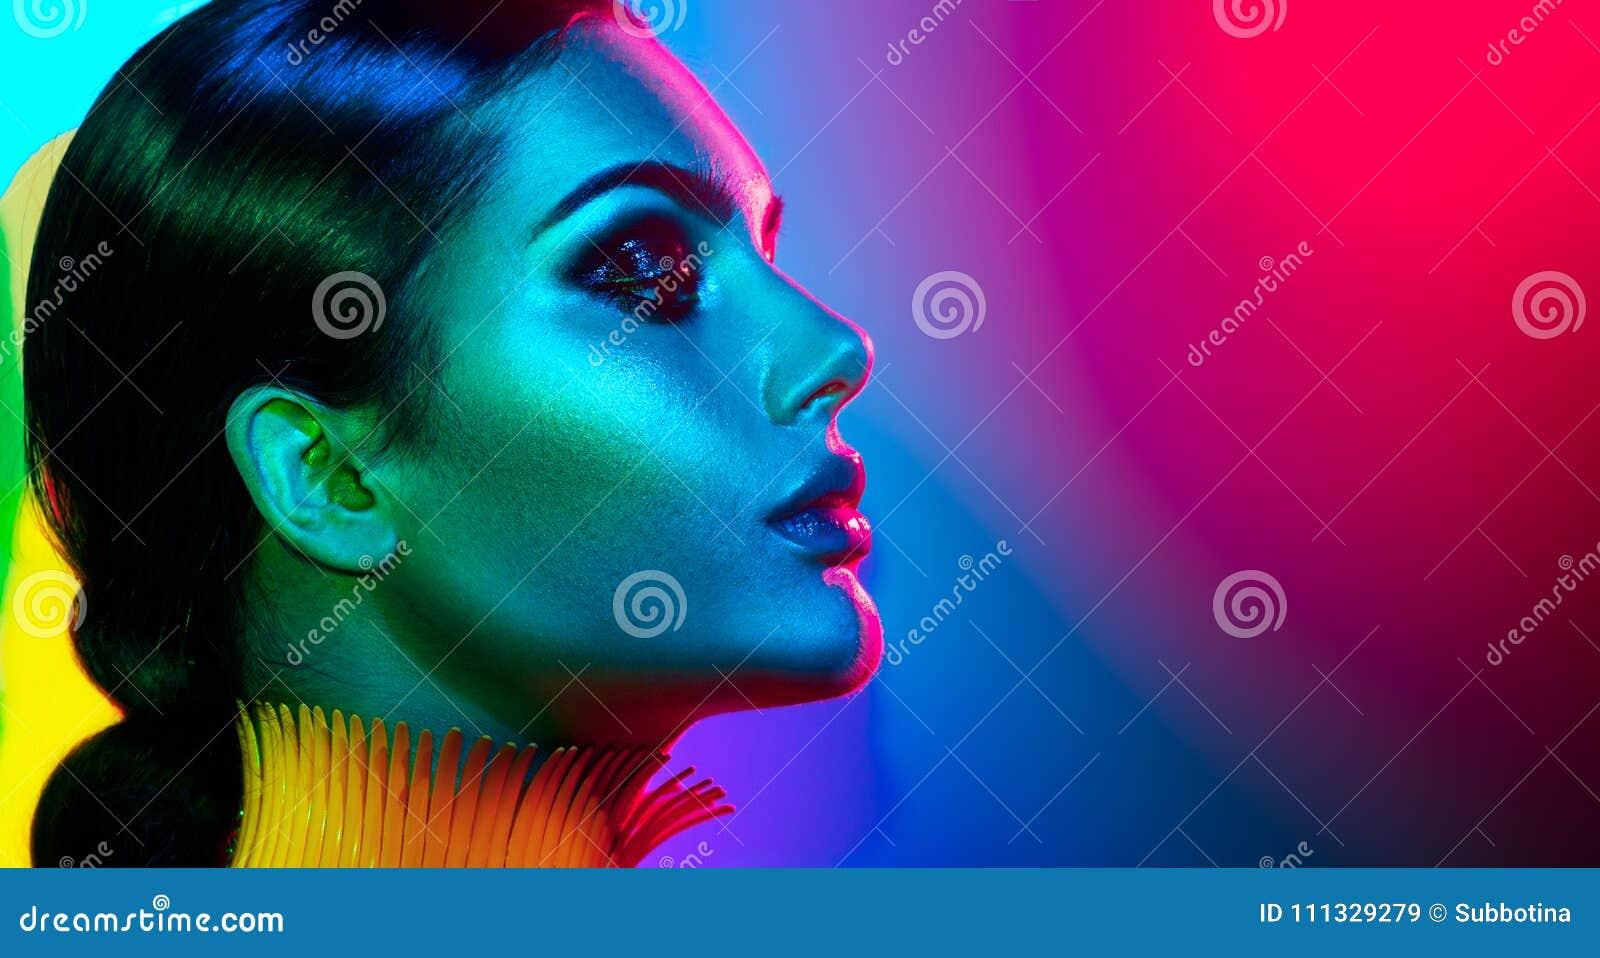 Πρότυπη γυναίκα μόδας στη ζωηρόχρωμη φωτεινή τοποθέτηση φω των Πορτρέτο του προκλητικού κοριτσιού με το καθιερώνον τη μόδα makeup